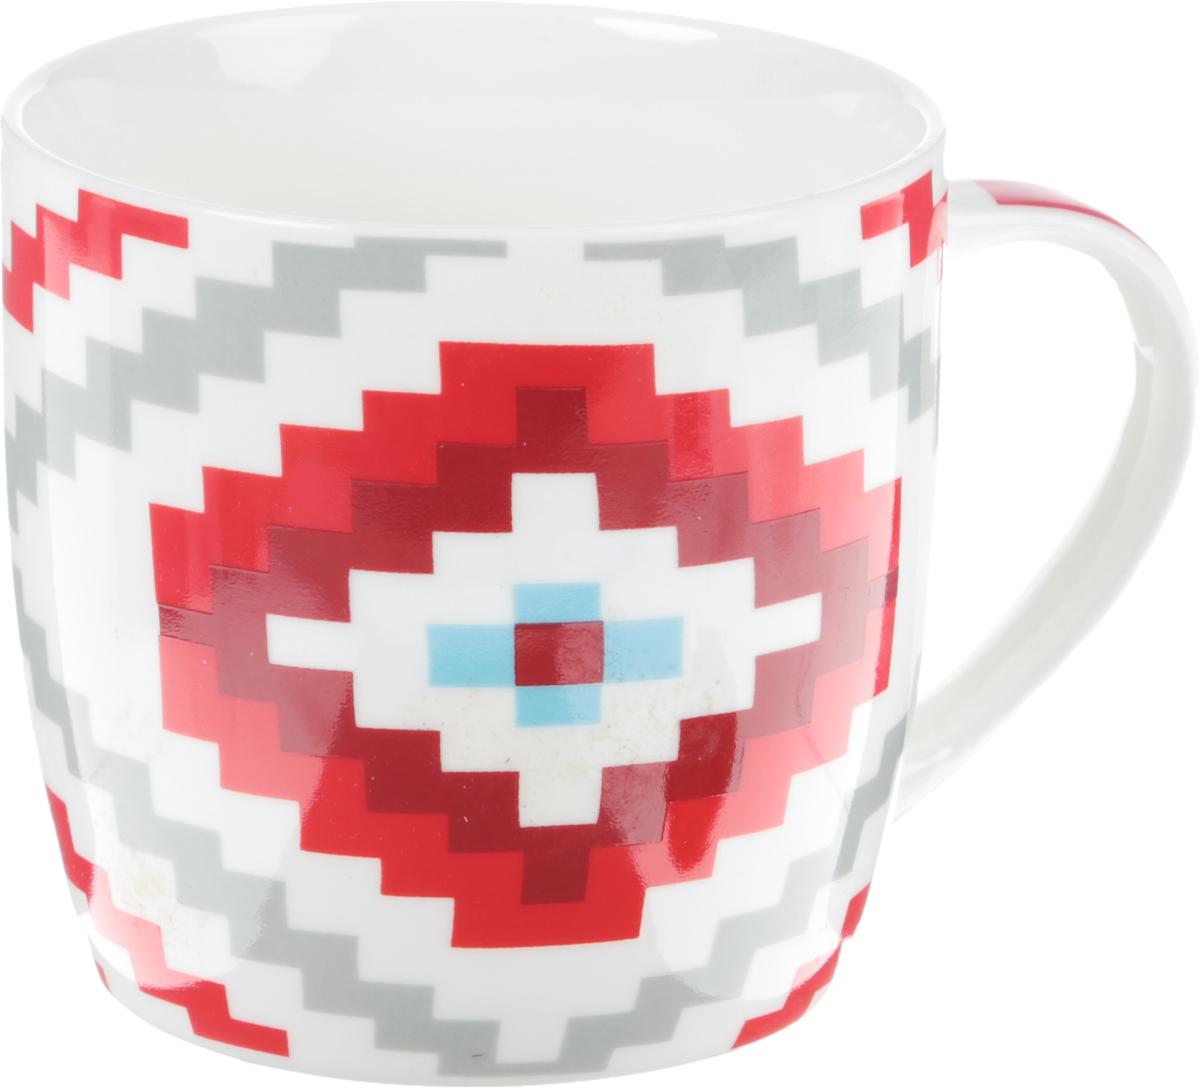 Кружка Loraine Большой ромб, цвет: красный, белый, серый, 320 мл кружка loraine цвет белый красный голубой 320 мл 24484